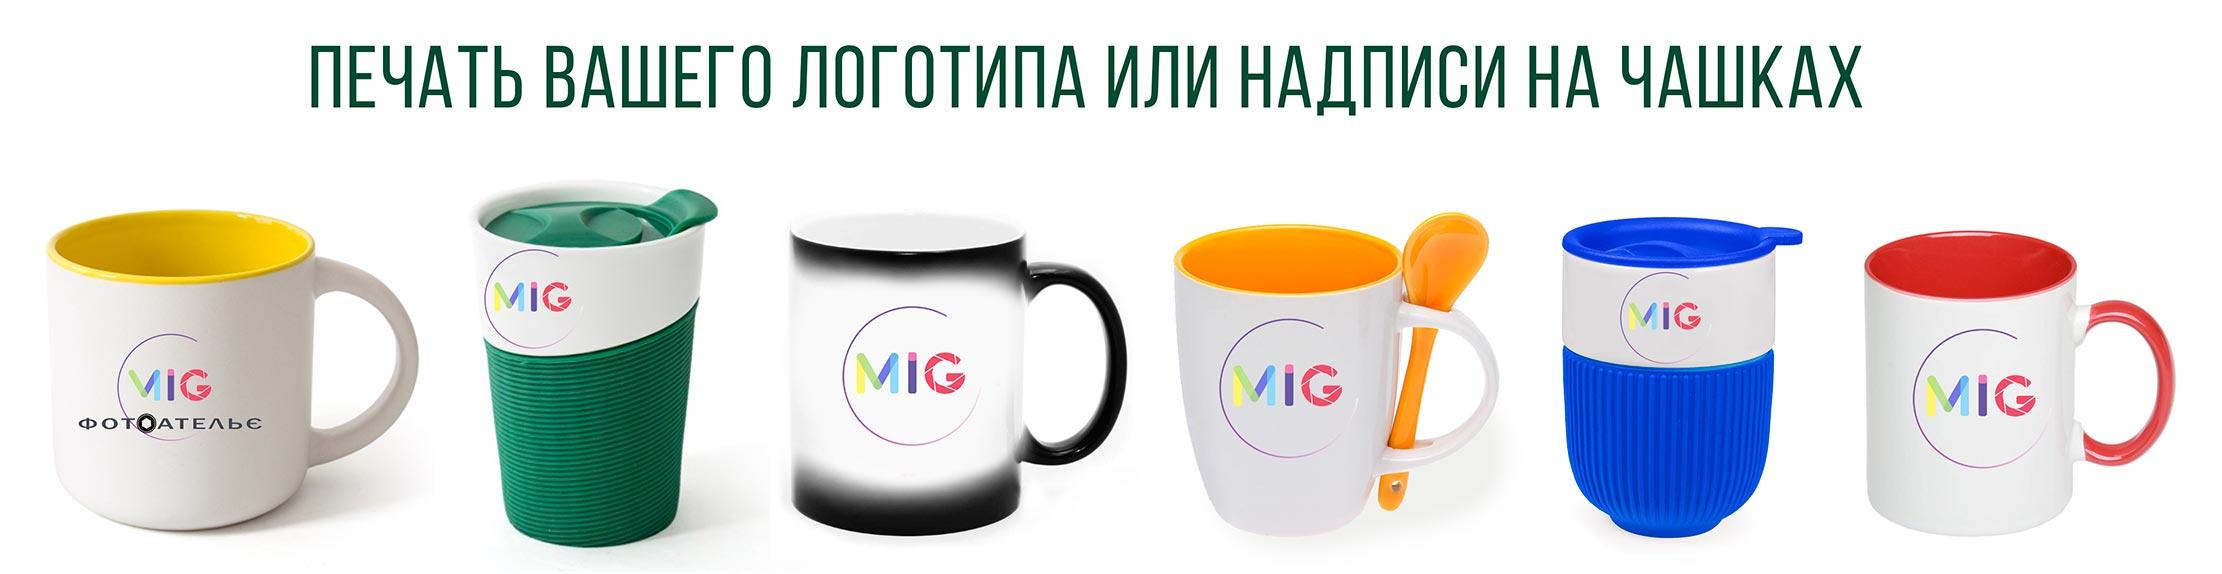 Чашки с логотипом в высоком разрешении